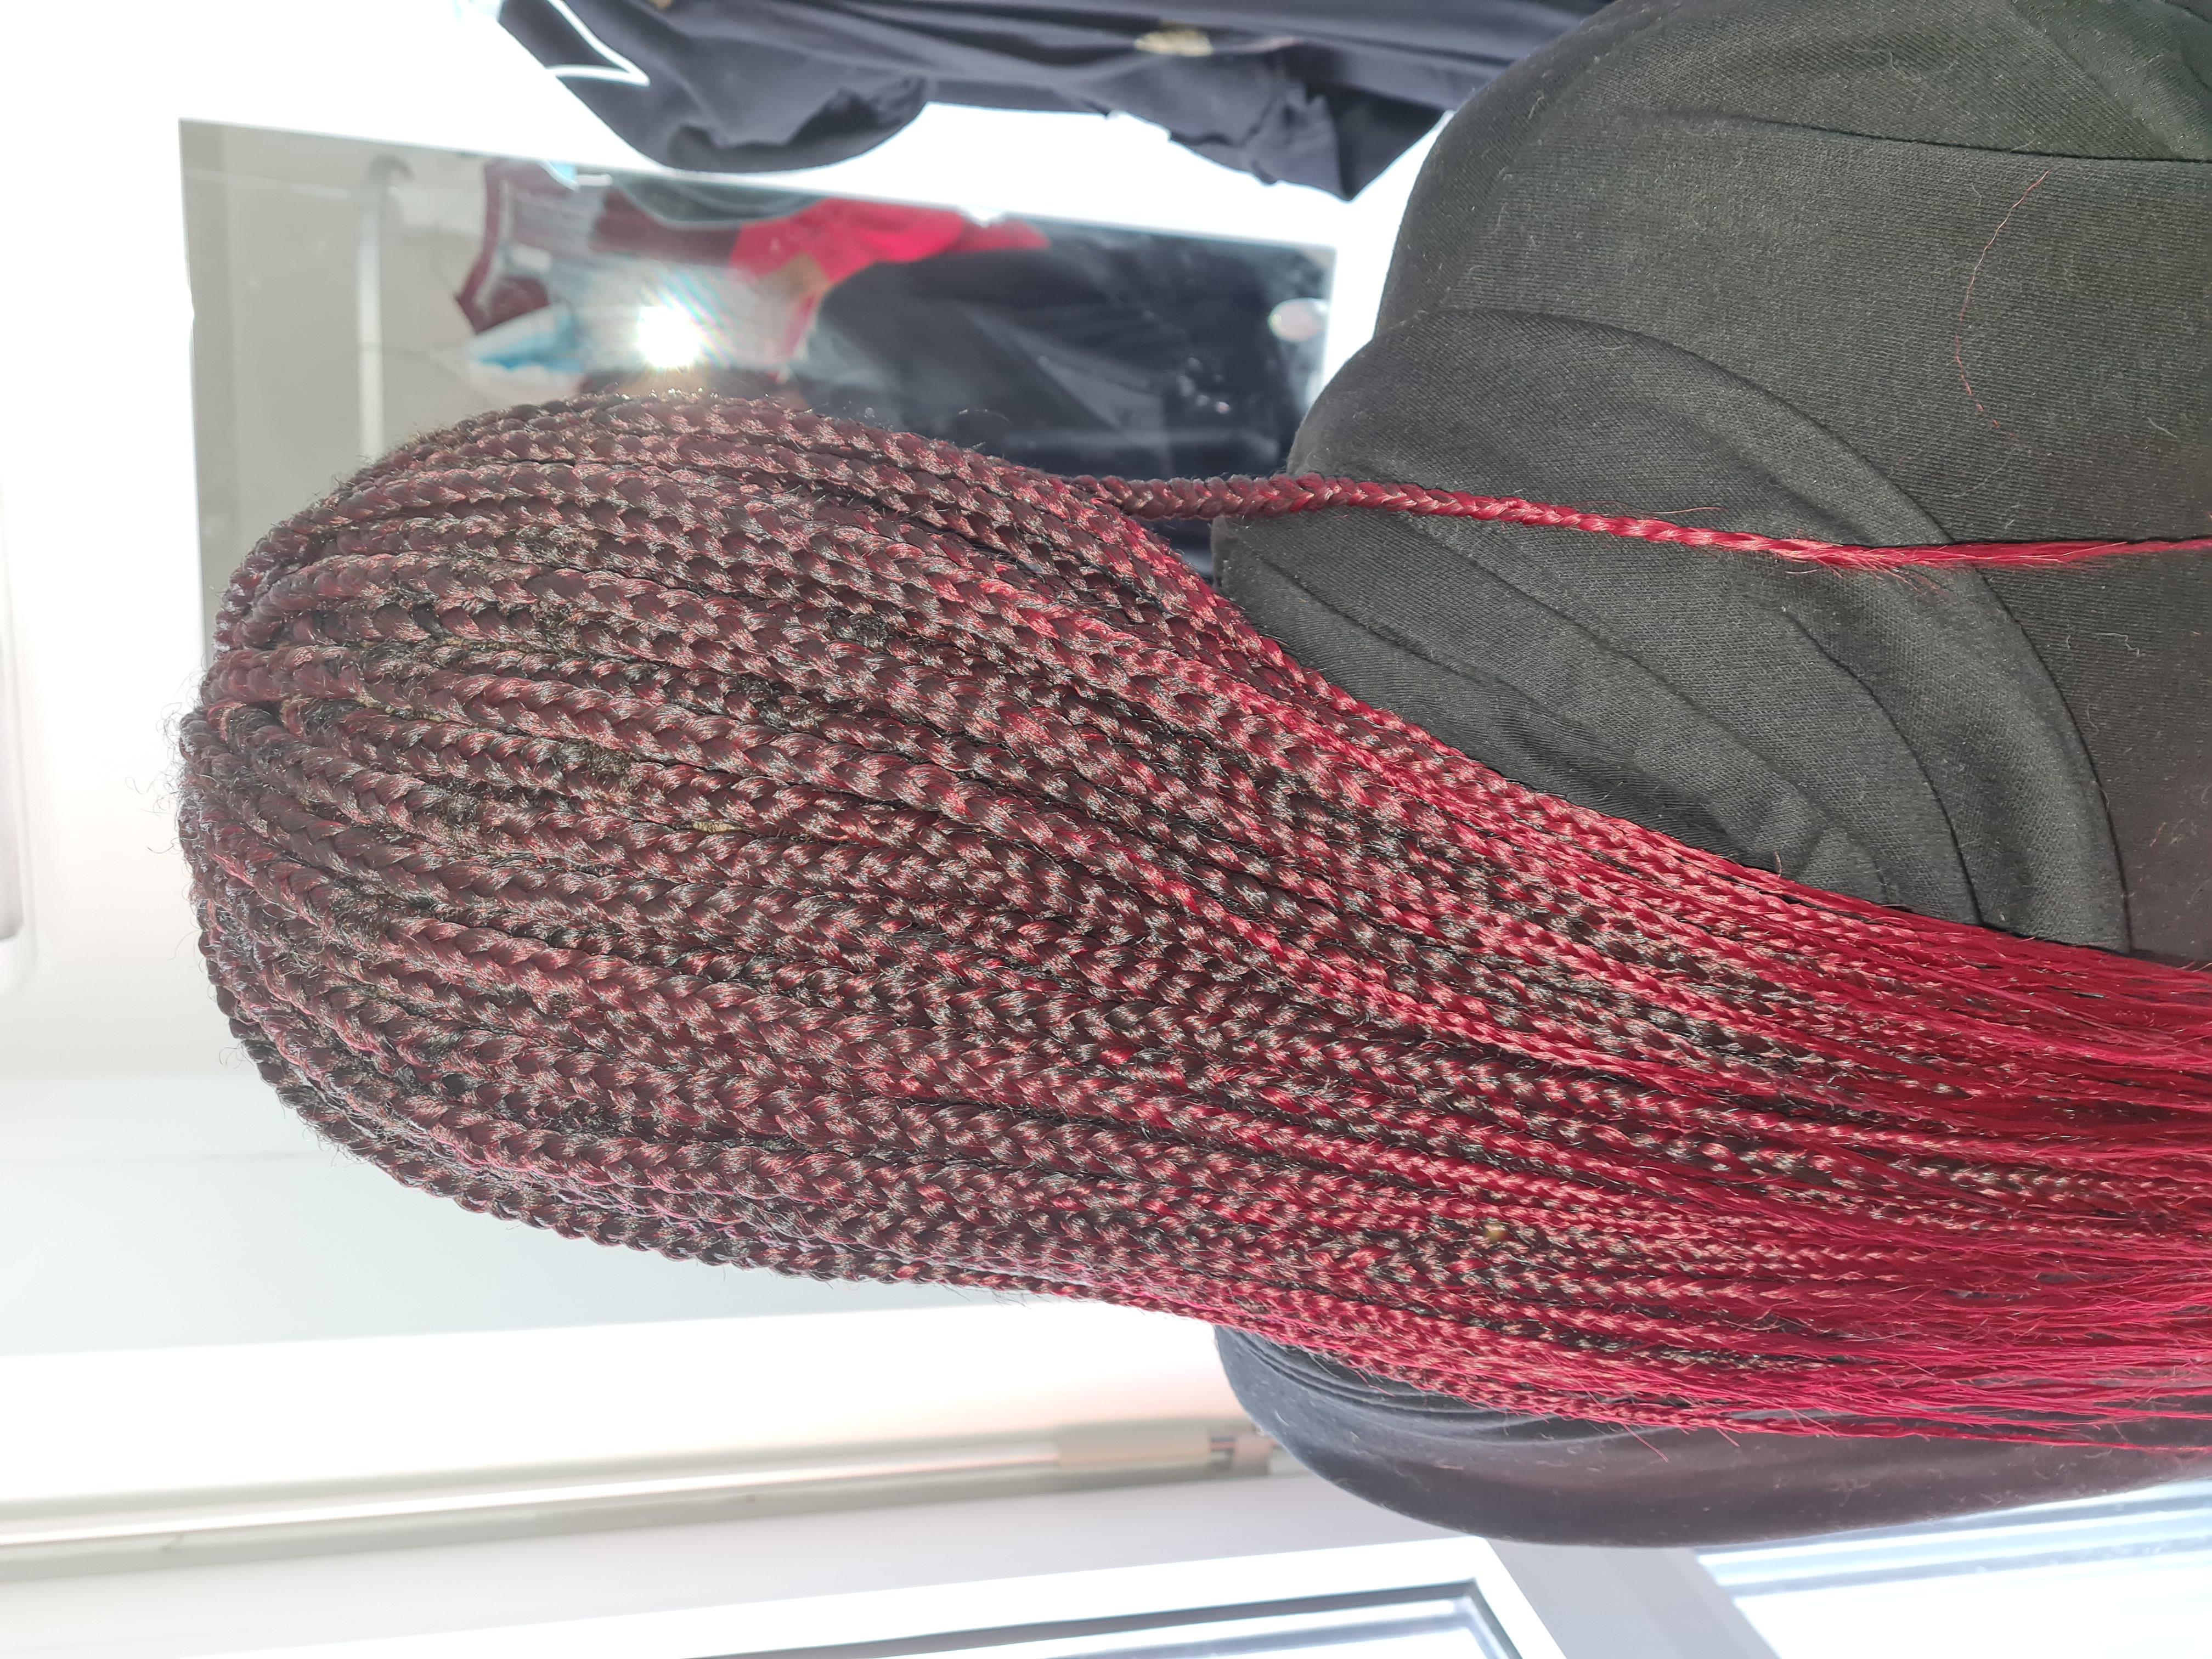 salon de coiffure afro tresse tresses box braids crochet braids vanilles tissages paris 75 77 78 91 92 93 94 95 UOCMOPMB